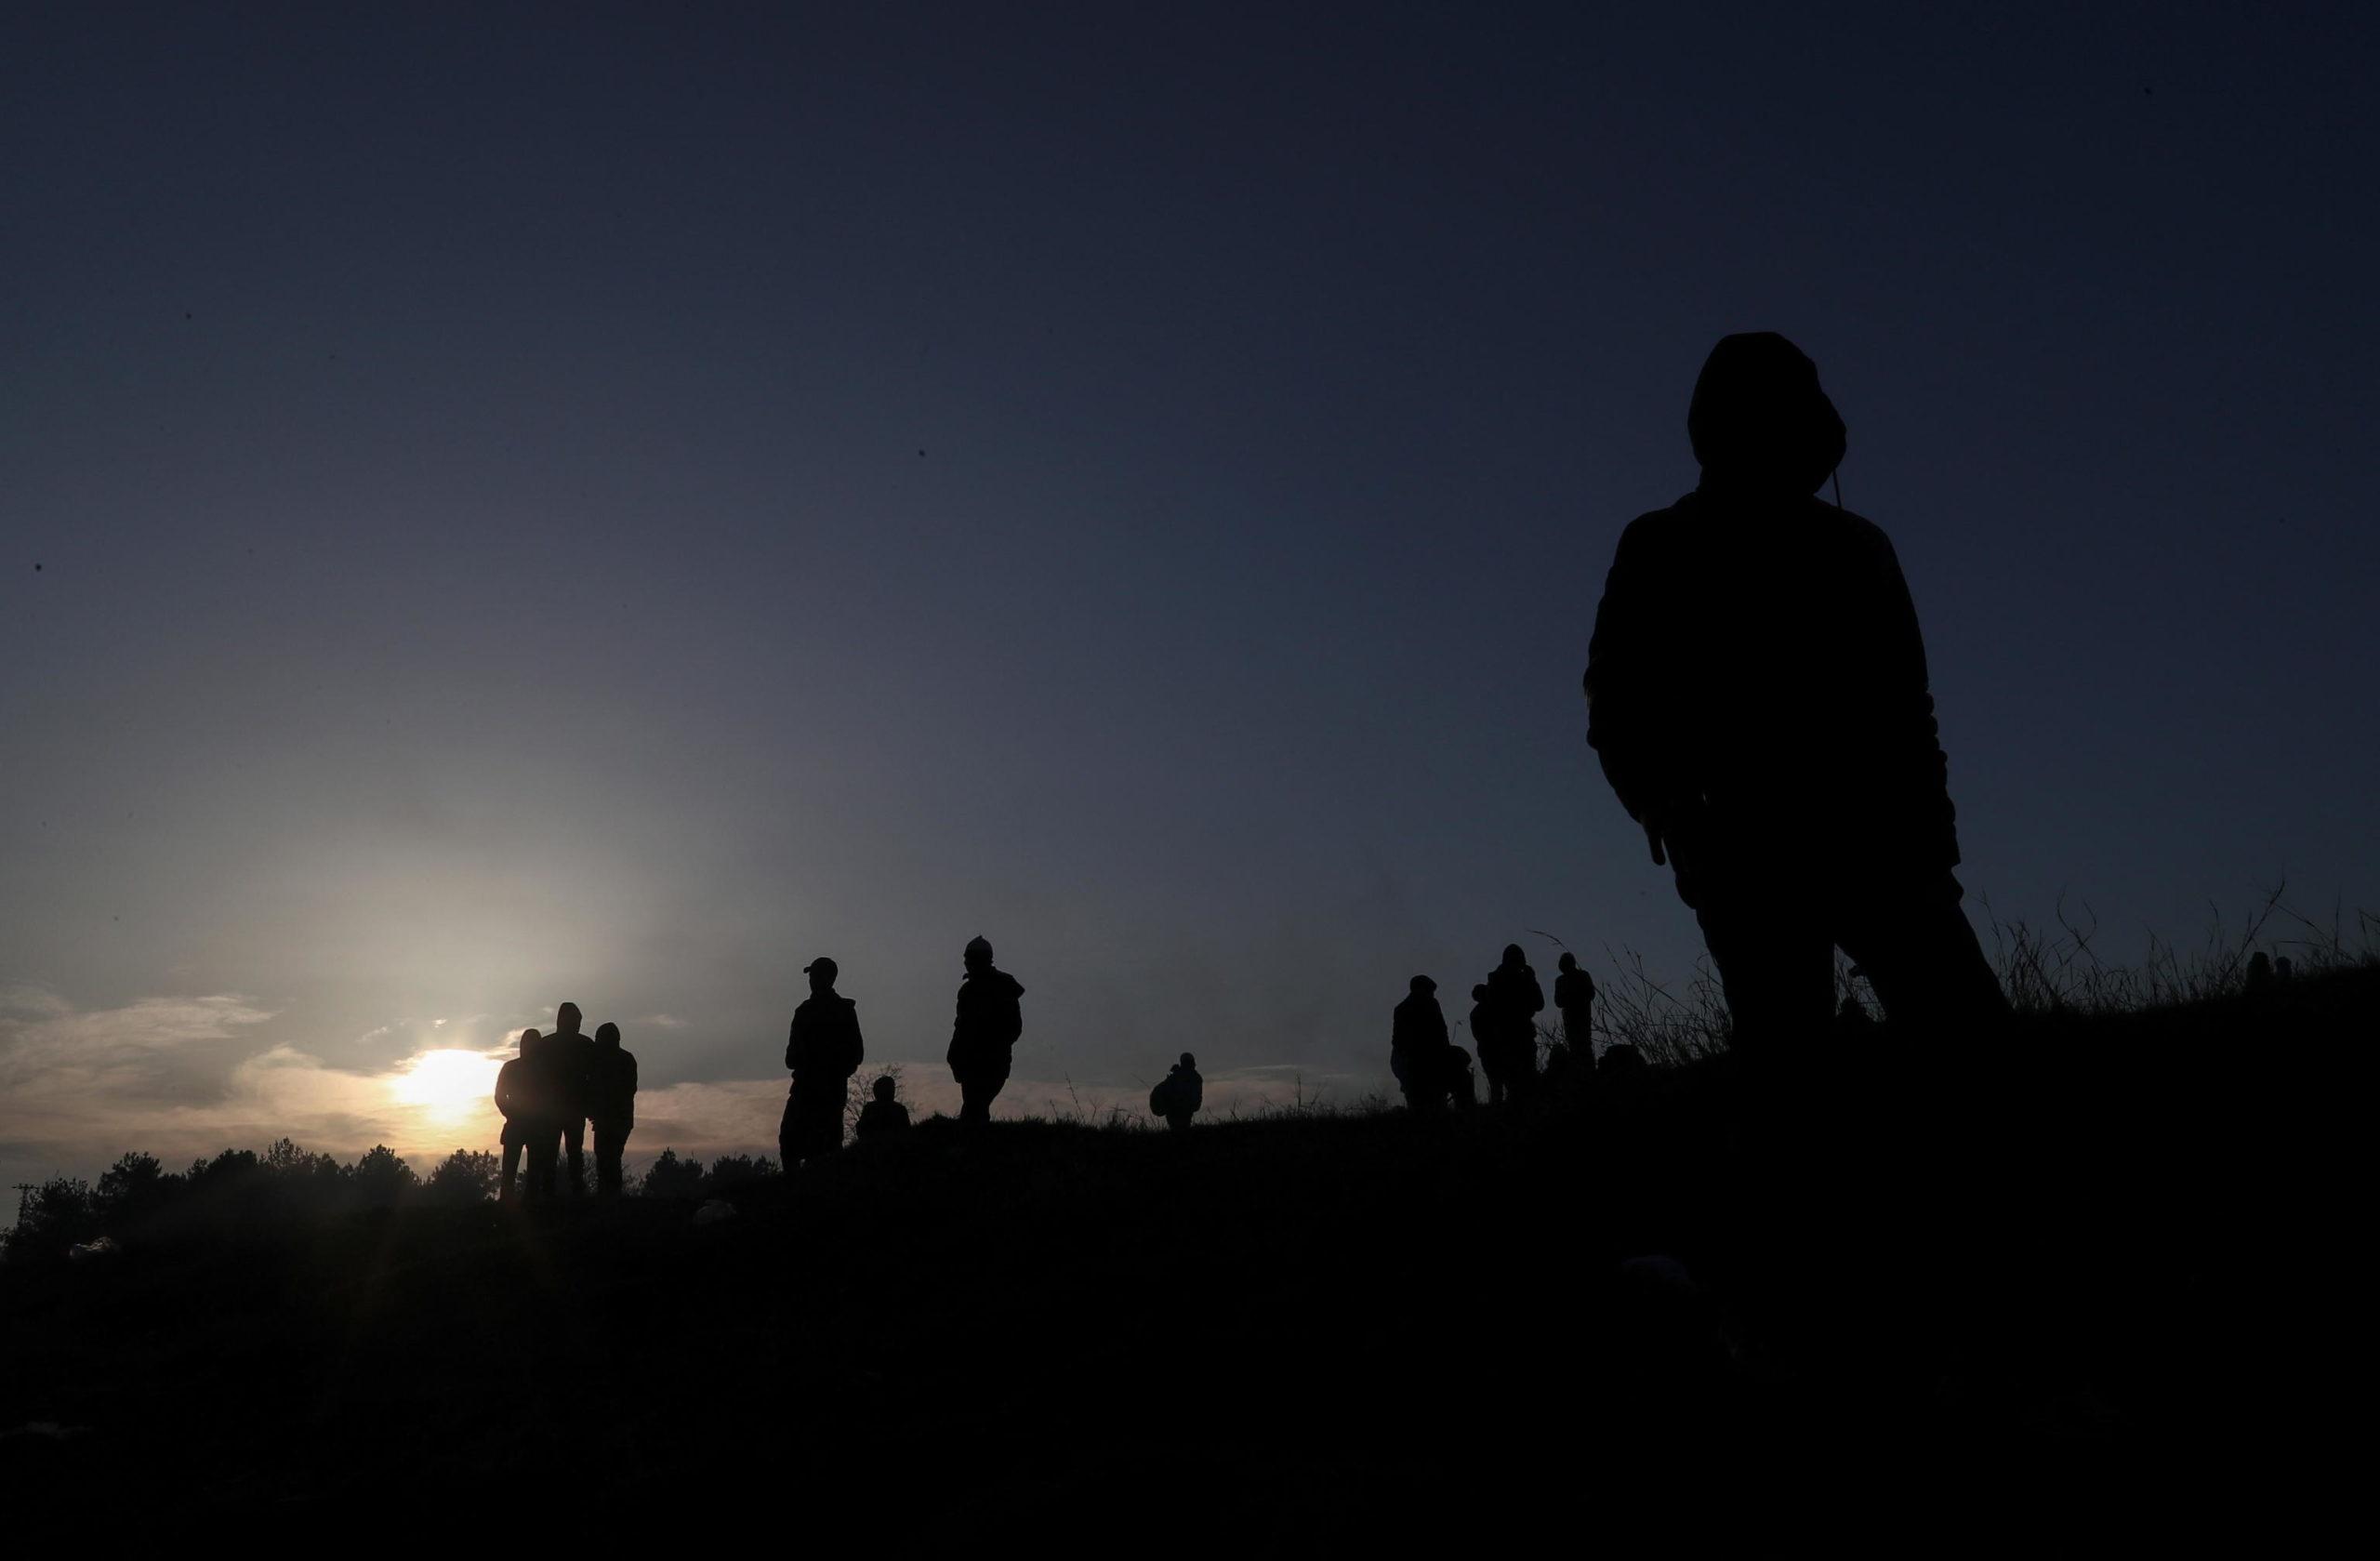 Cala la notte e il cammino dei rifugiati siriani si ferma. Riprenderanno la marcia verso il confine tra Turchia e Grecia il giorno successivo